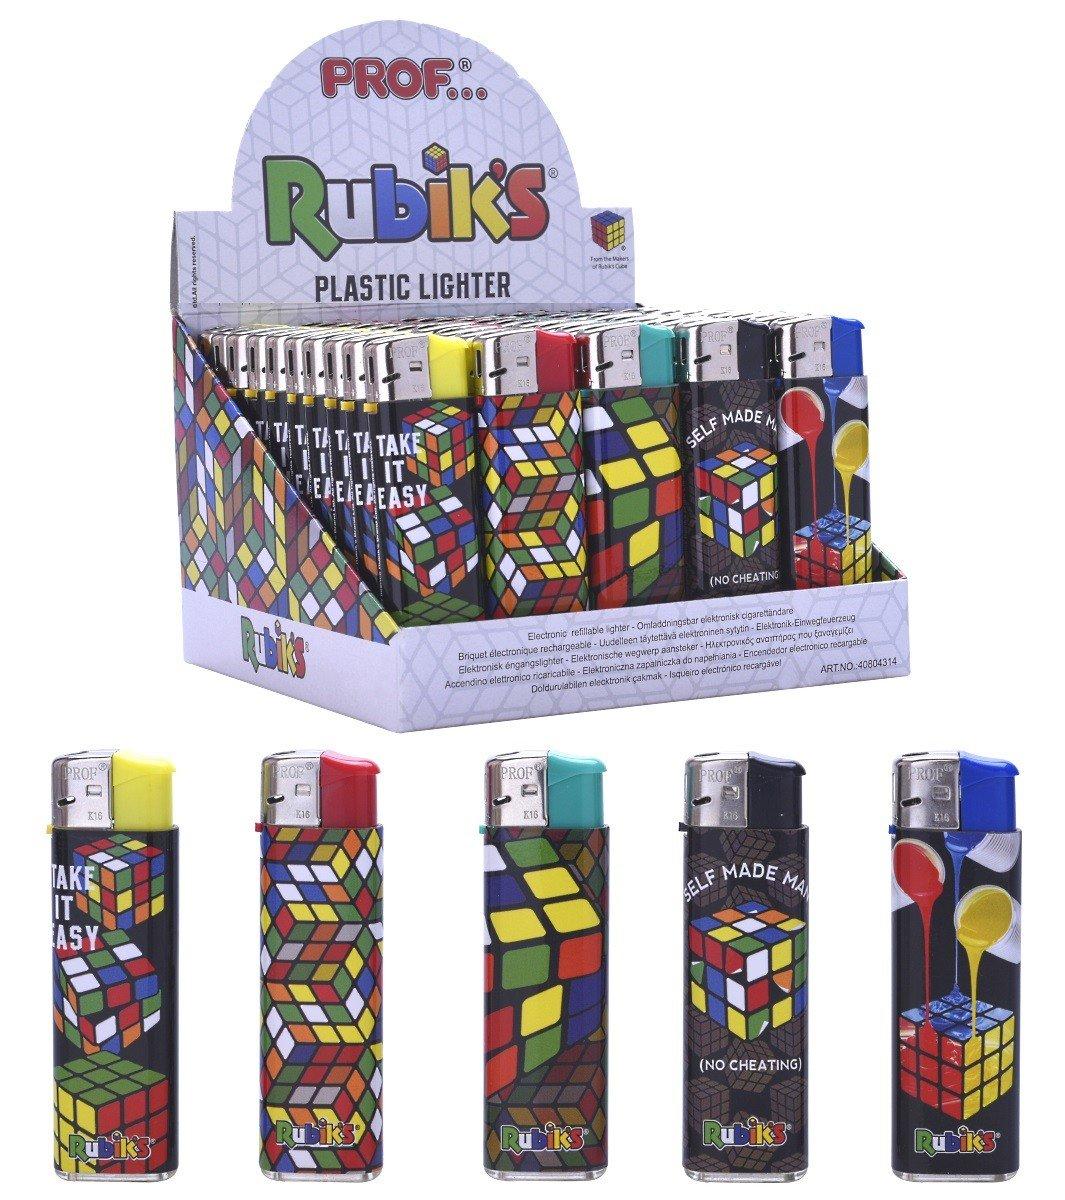 5 encendedor de Rubiks Cube recargable 8 x 2 cm: Amazon.es ...